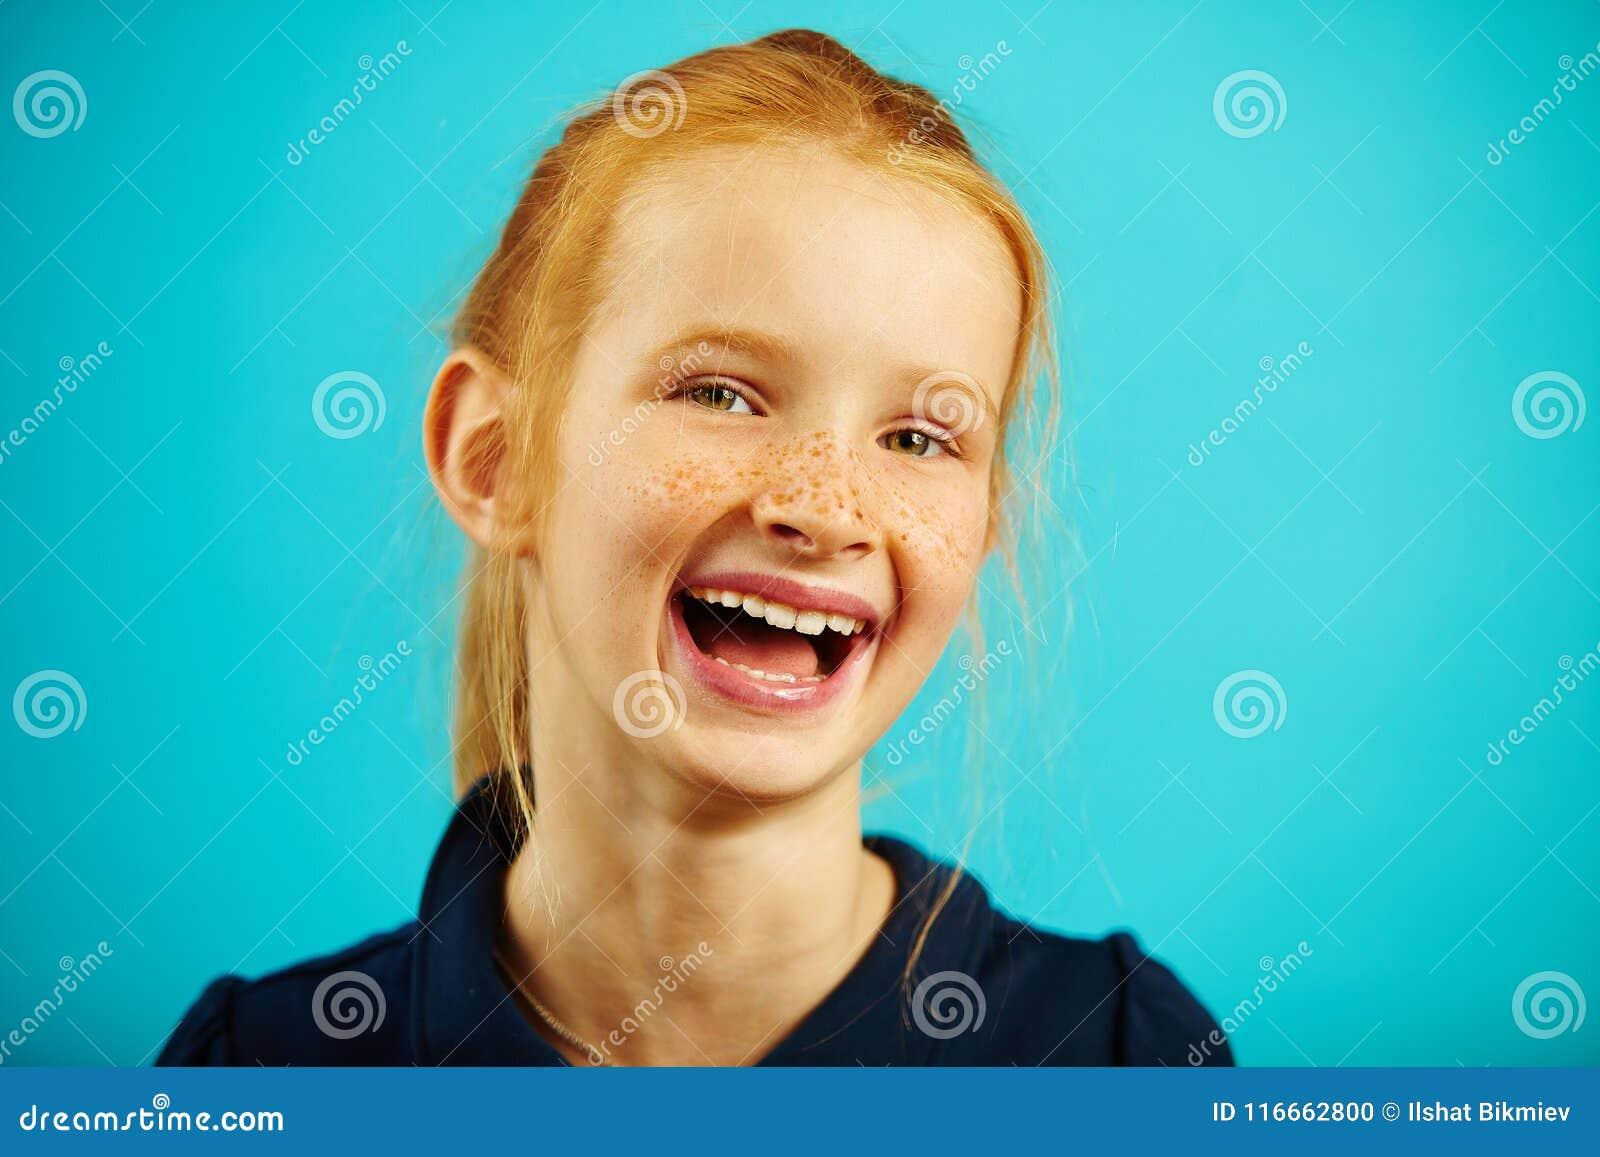 Het close-upportret van vrolijk lachend meisje met rood haar en sproeten op blauw isoleerde achtergrond Gelukkig Kind